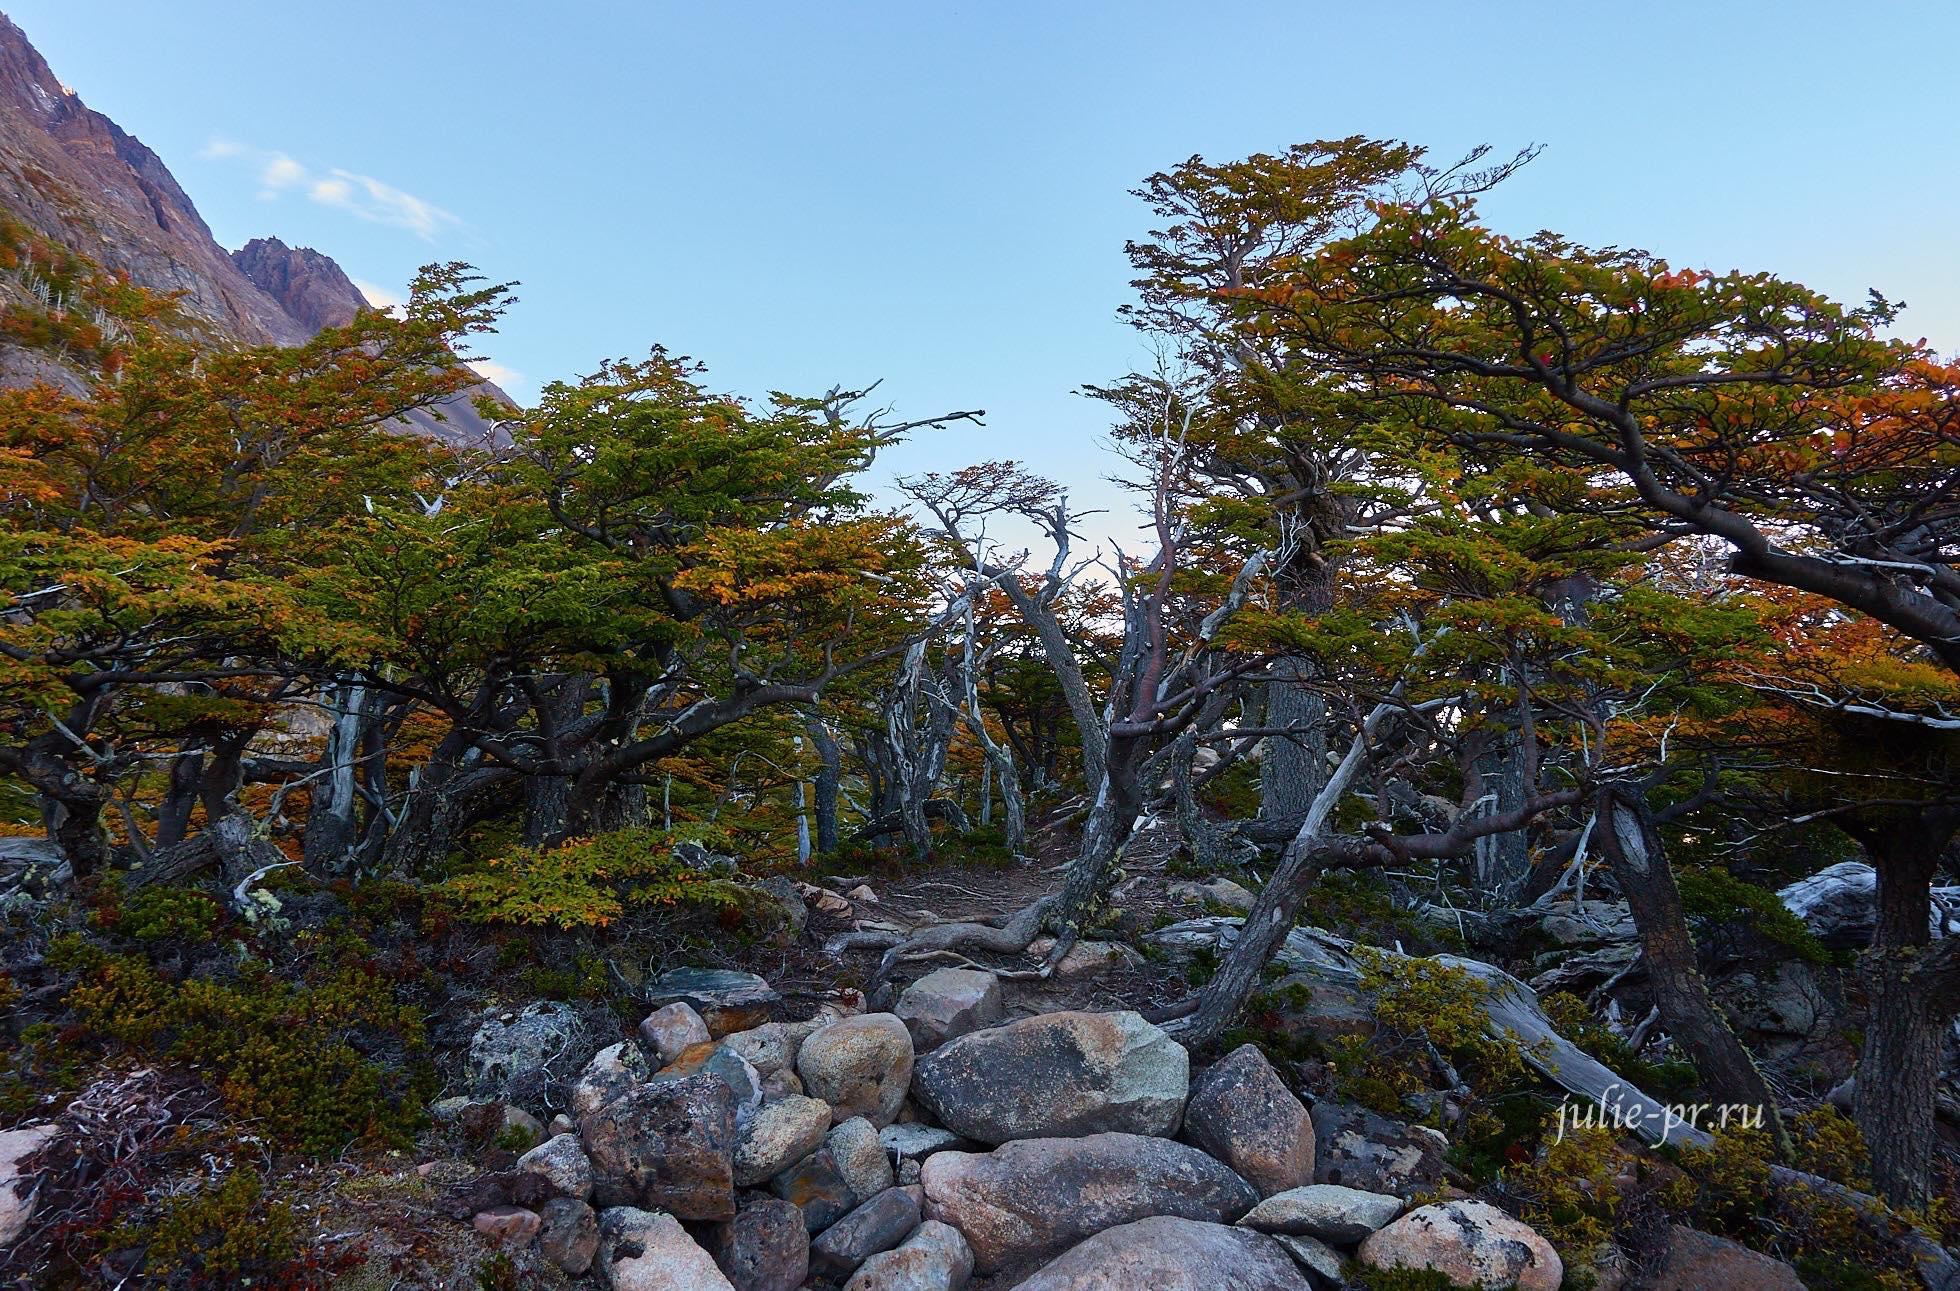 Чили, Патагония, Торрес-дель-Пайне, нотофагус лес